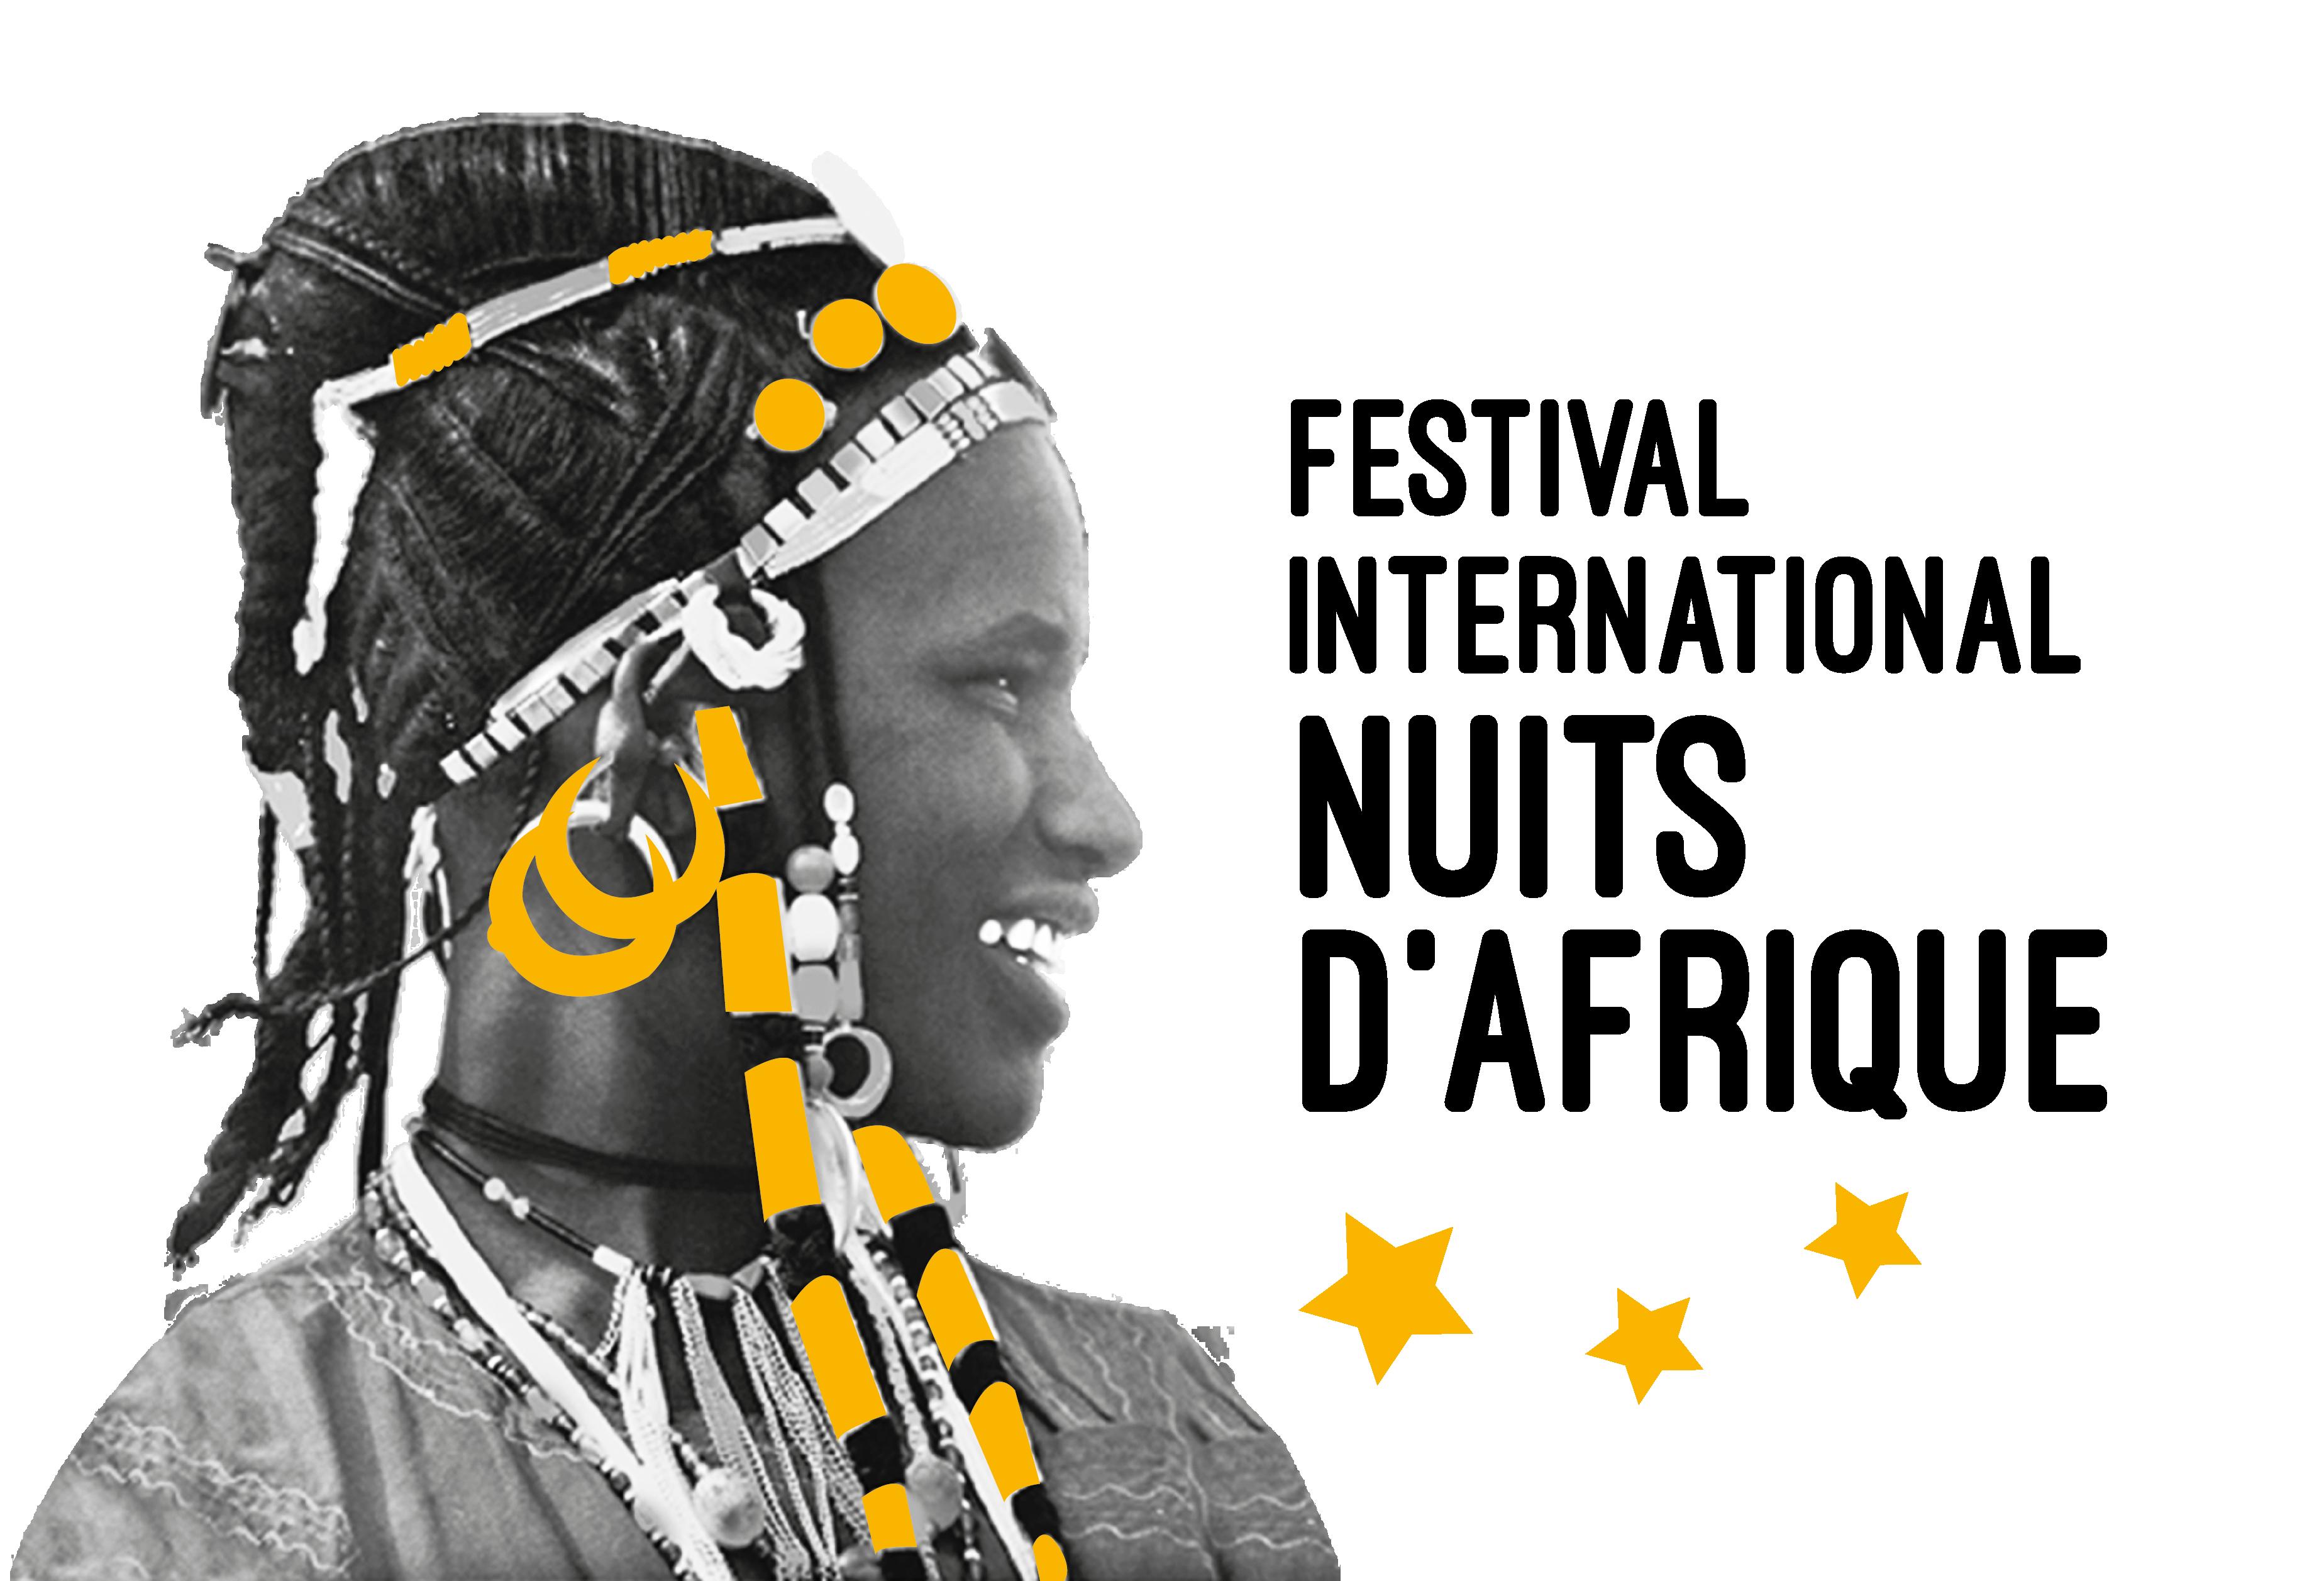 stingray-blog-nuits-d'afrique